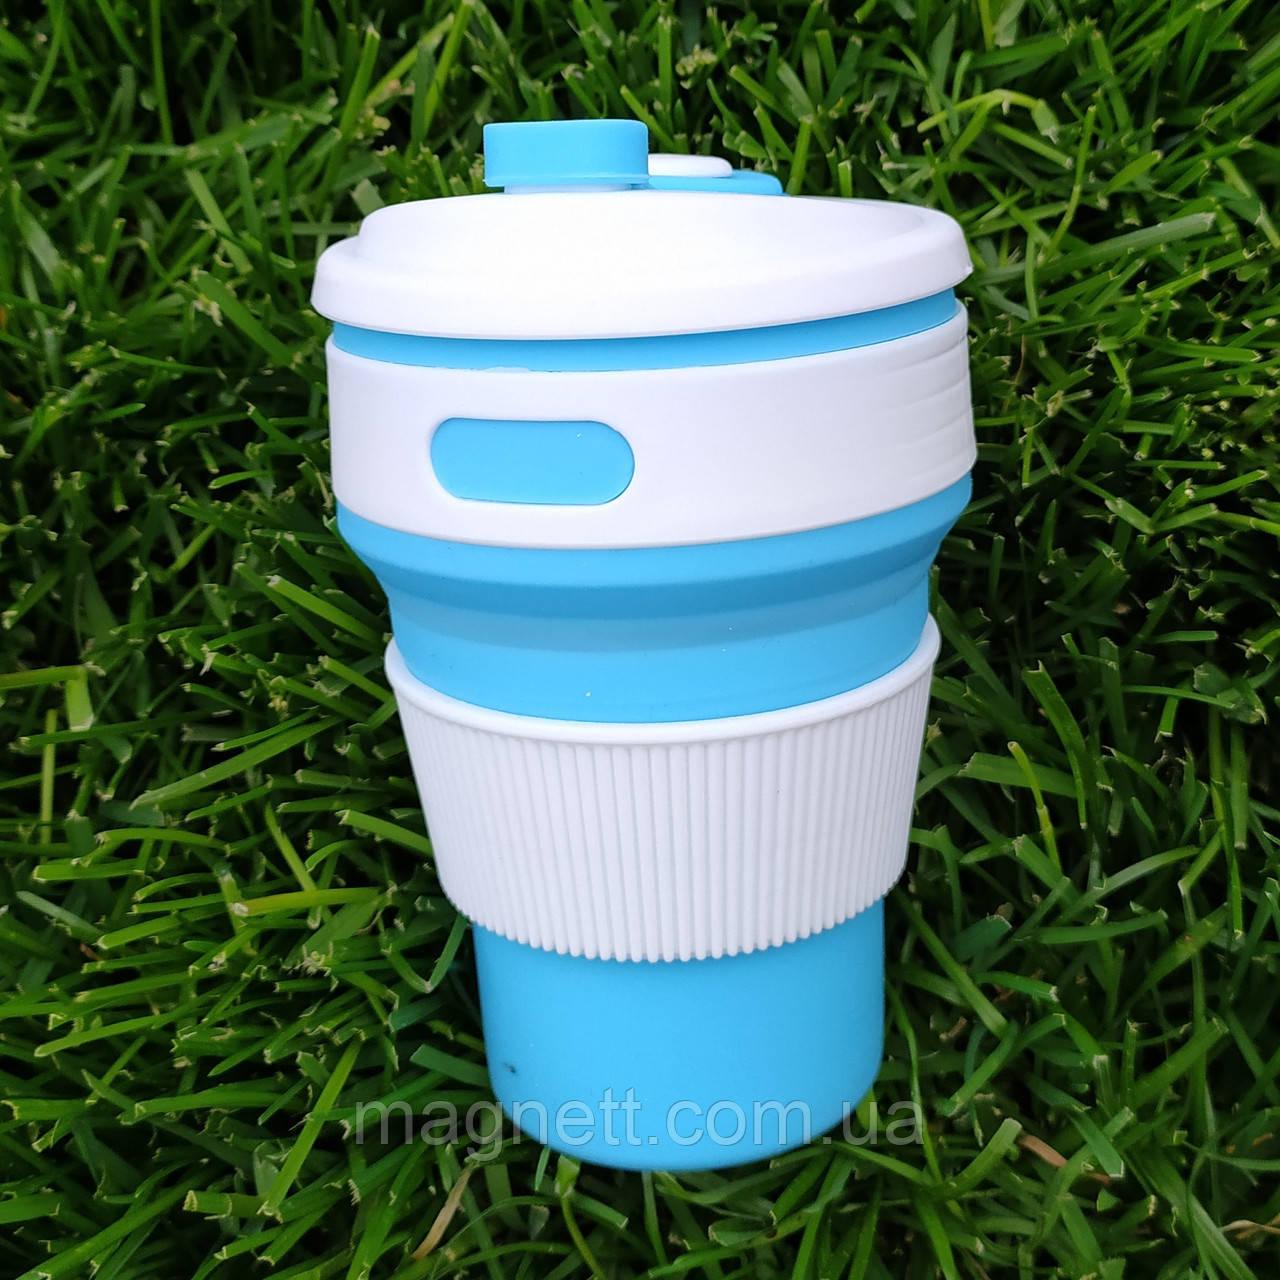 Складной силиконовый стакан Collapsible Coffee Cup (Голубой)